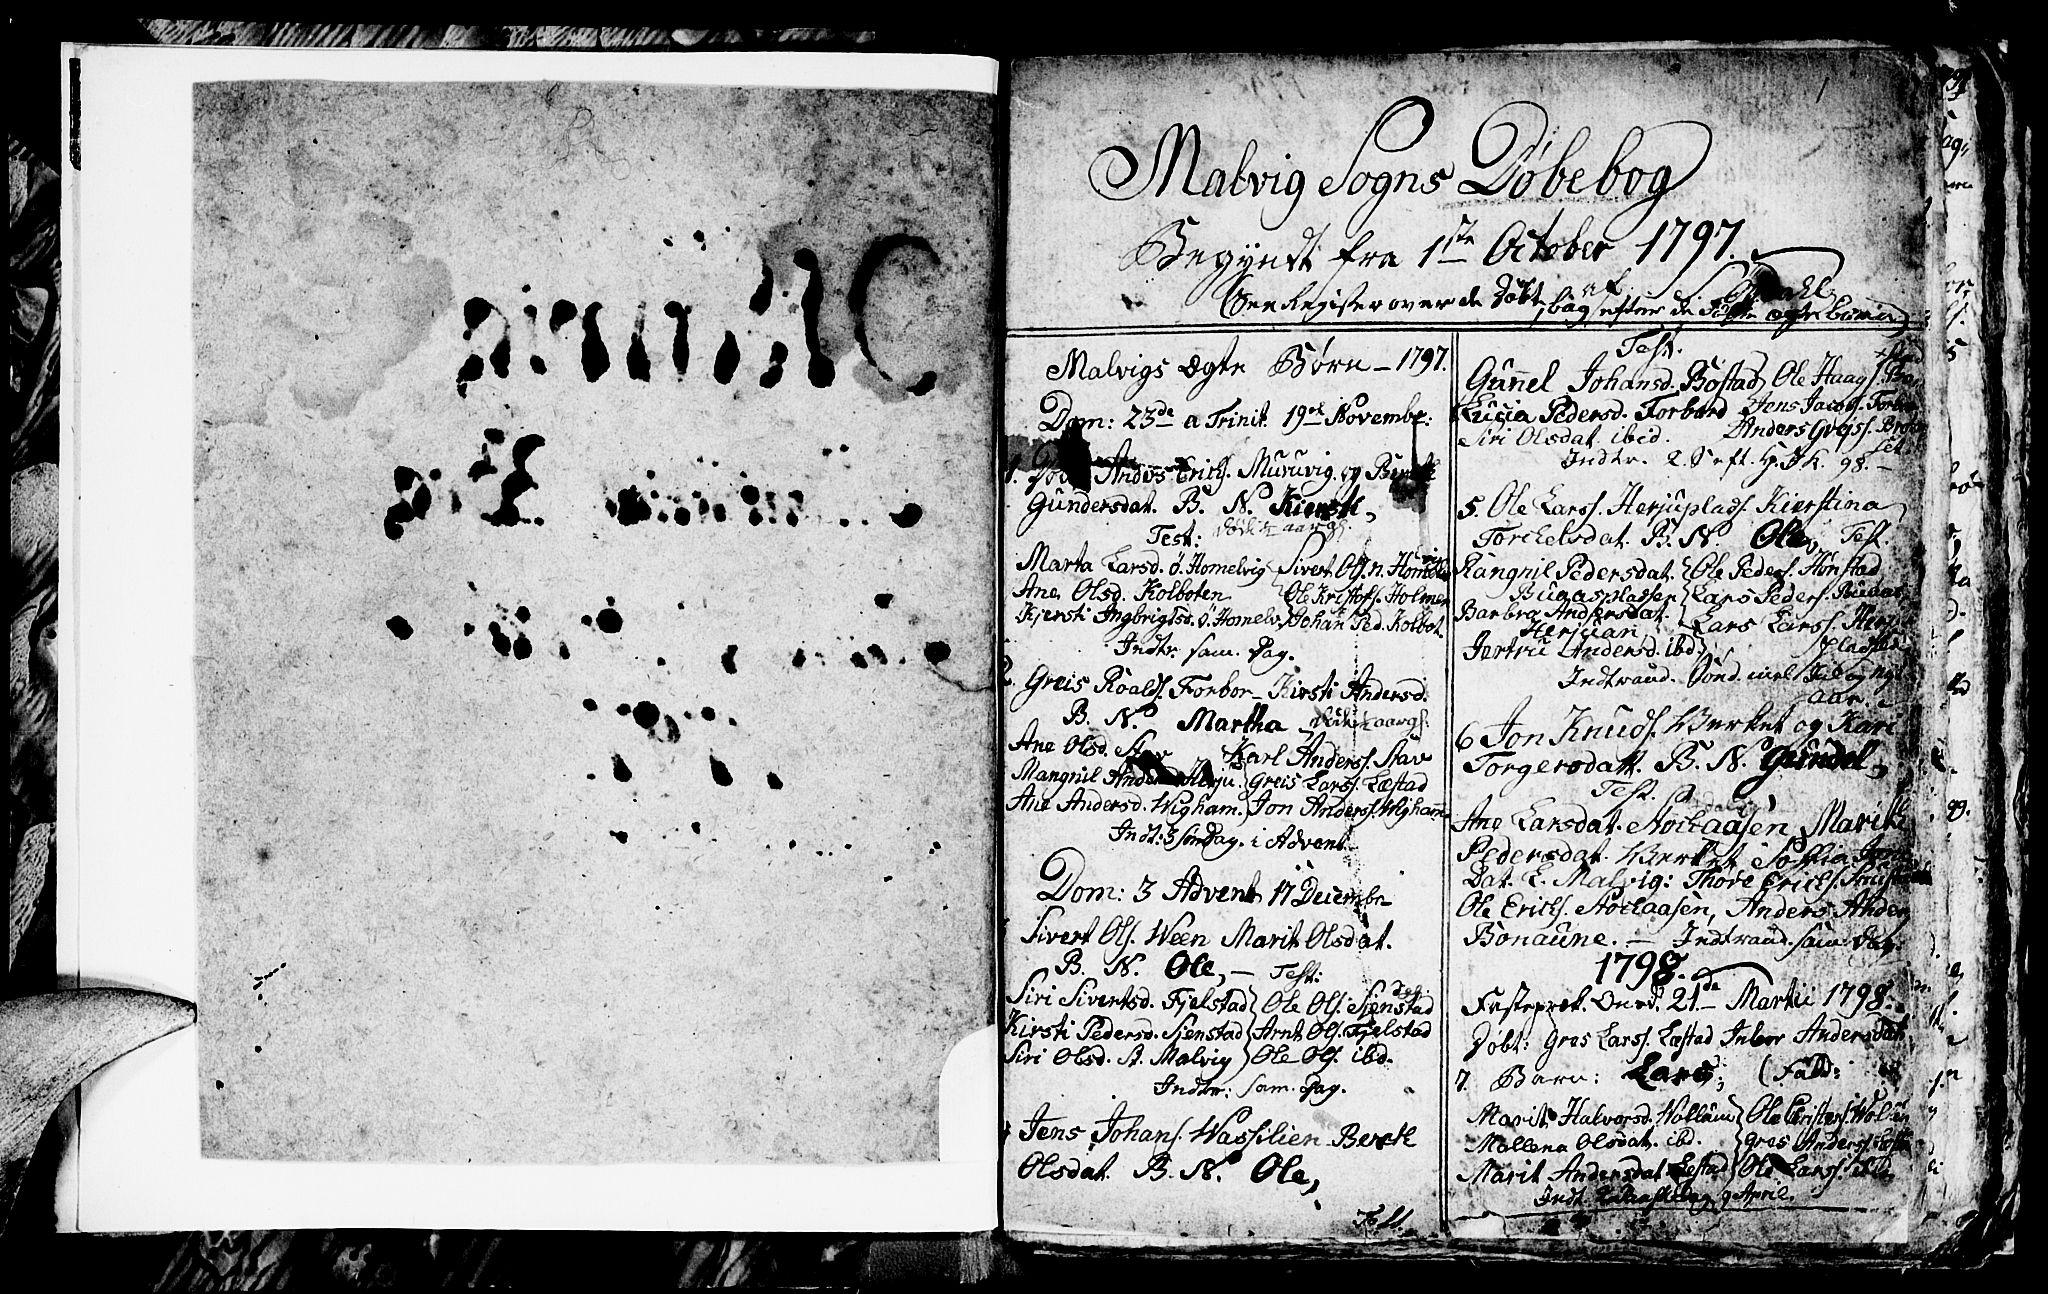 SAT, Ministerialprotokoller, klokkerbøker og fødselsregistre - Sør-Trøndelag, 616/L0419: Klokkerbok nr. 616C02, 1797-1816, s. 1